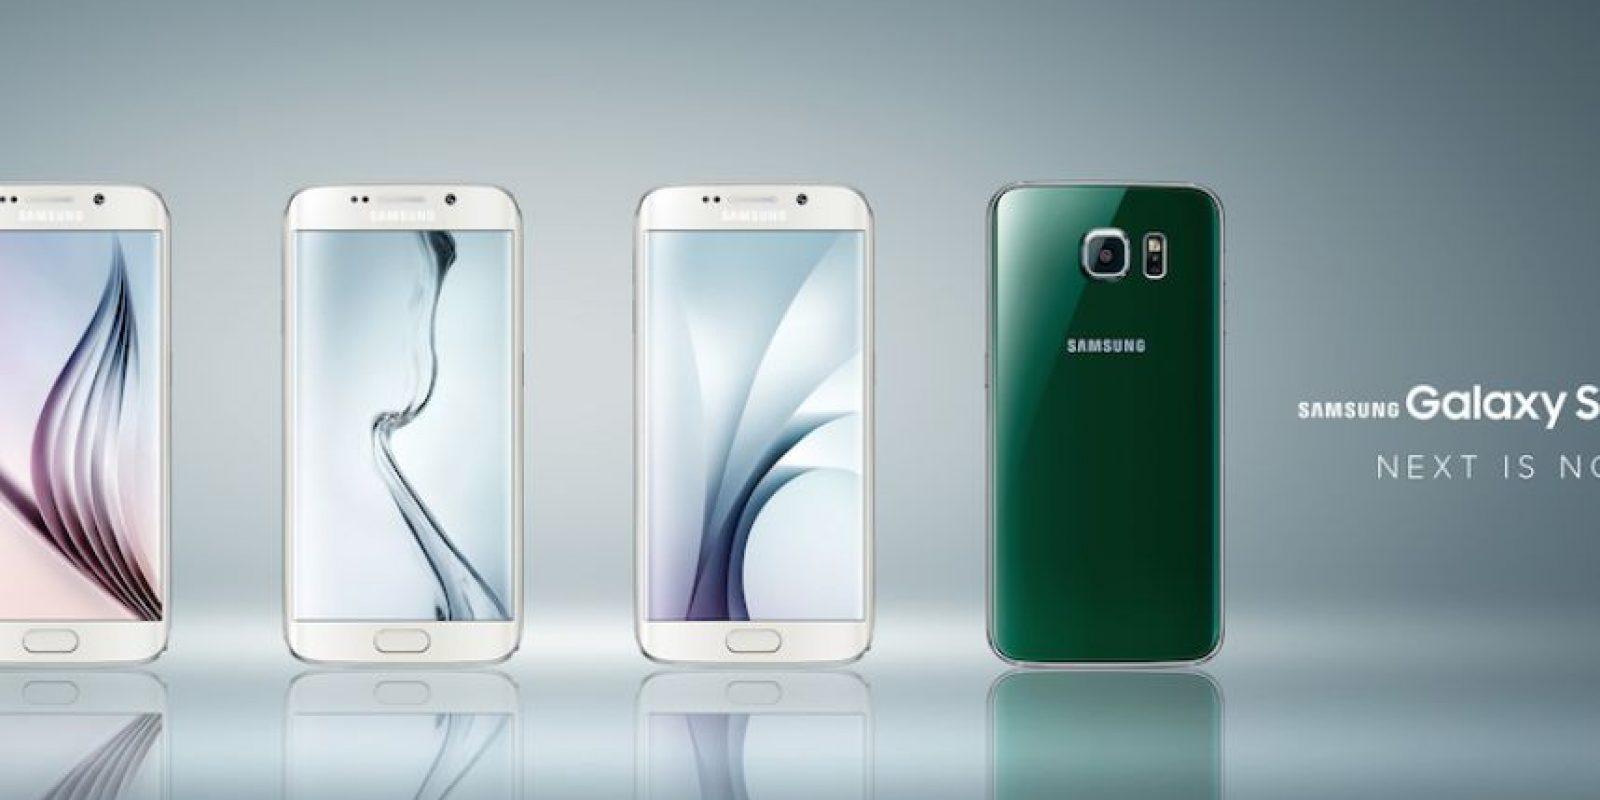 La cámara principal es de 16 megapixeles, la frontal de 5 megapixeles. Foto:Samsung